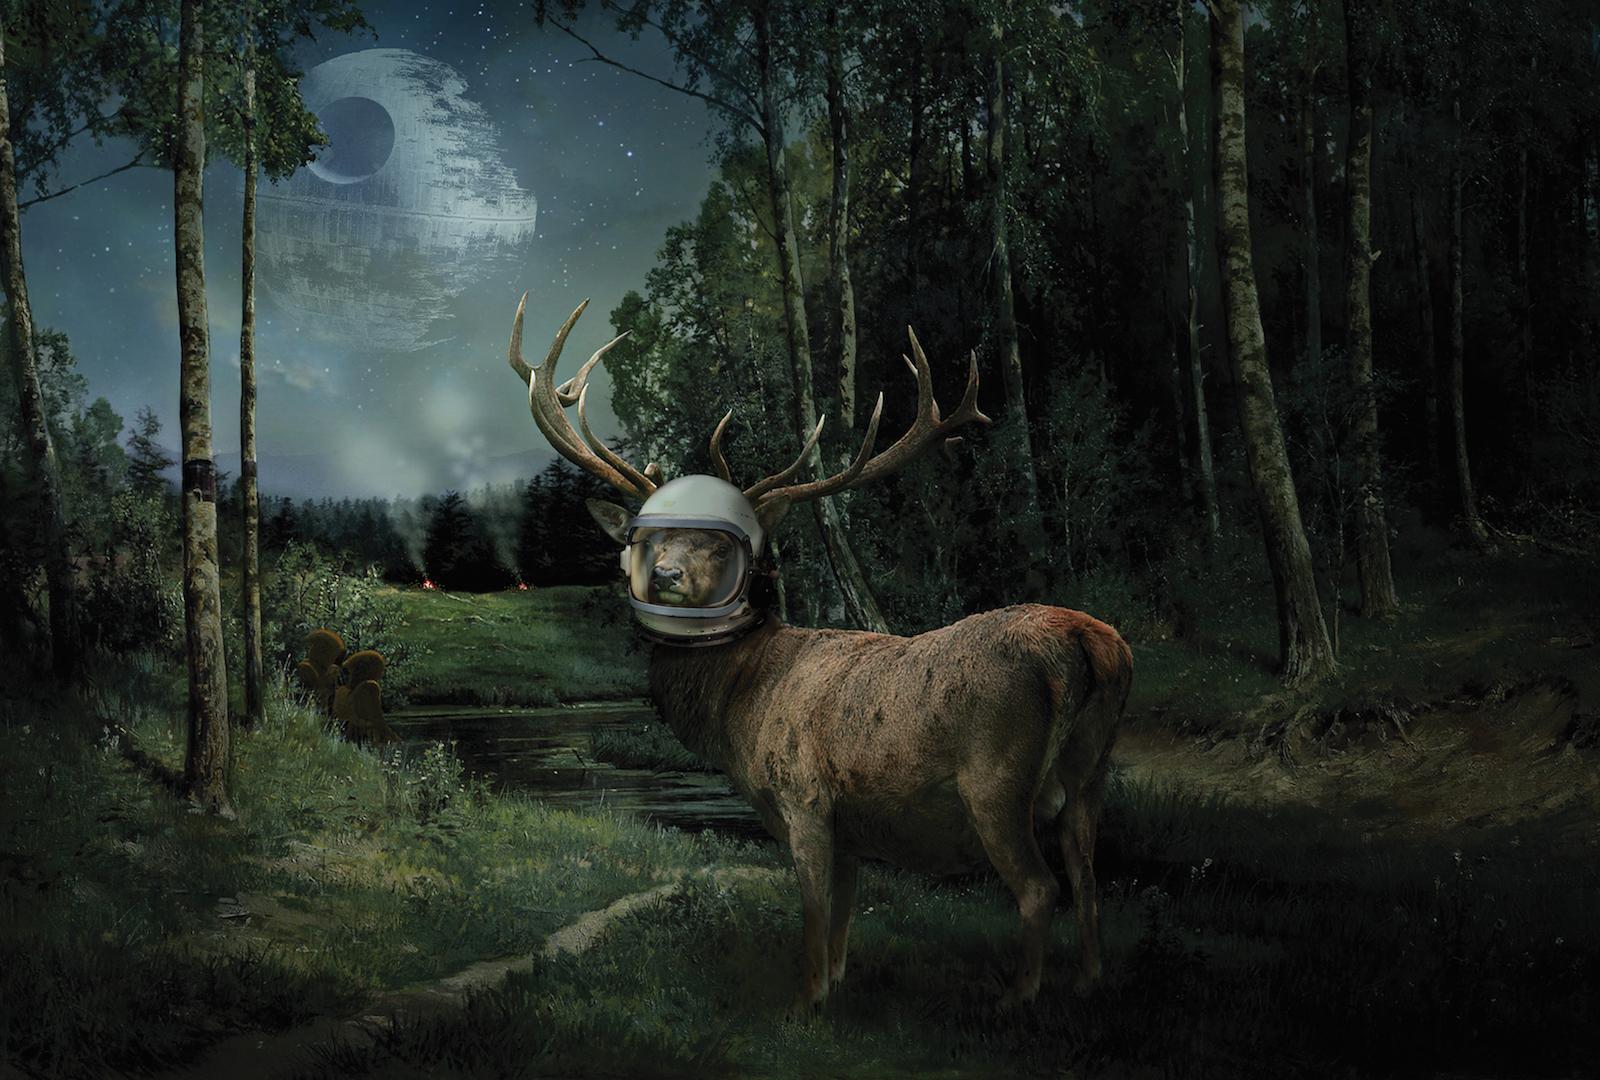 A deer wearing a space helmet